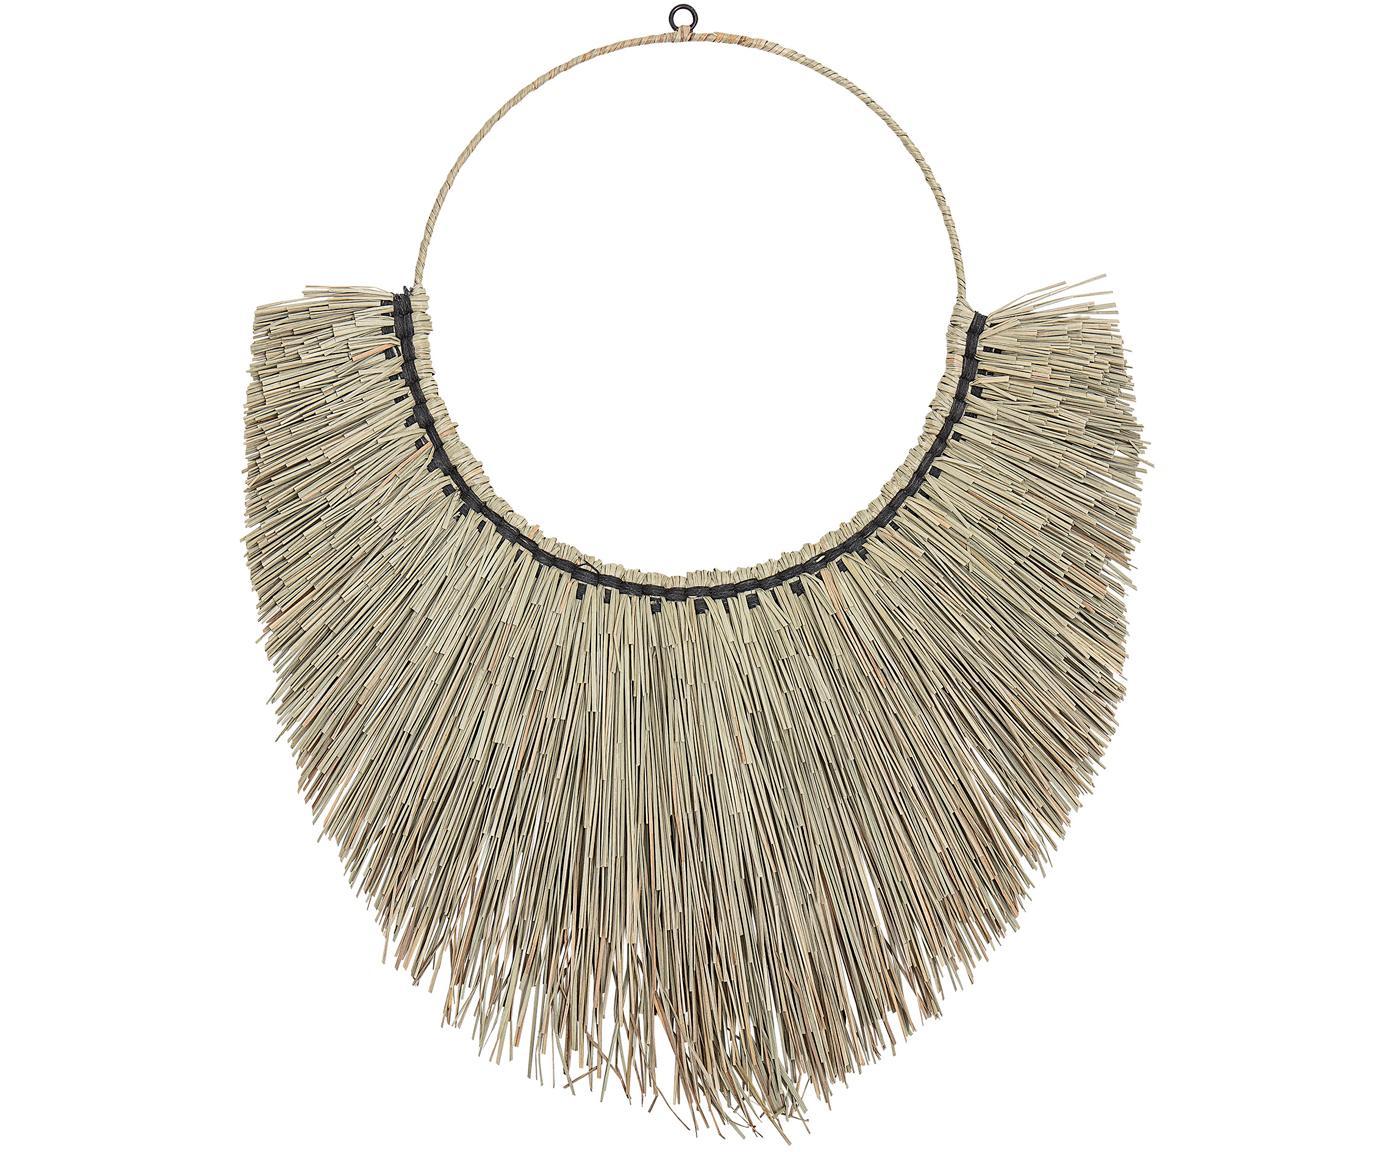 Dekoracja ścienna z trawy mendong Japonica, Jasny brązowy, S 65 x W 83 cm